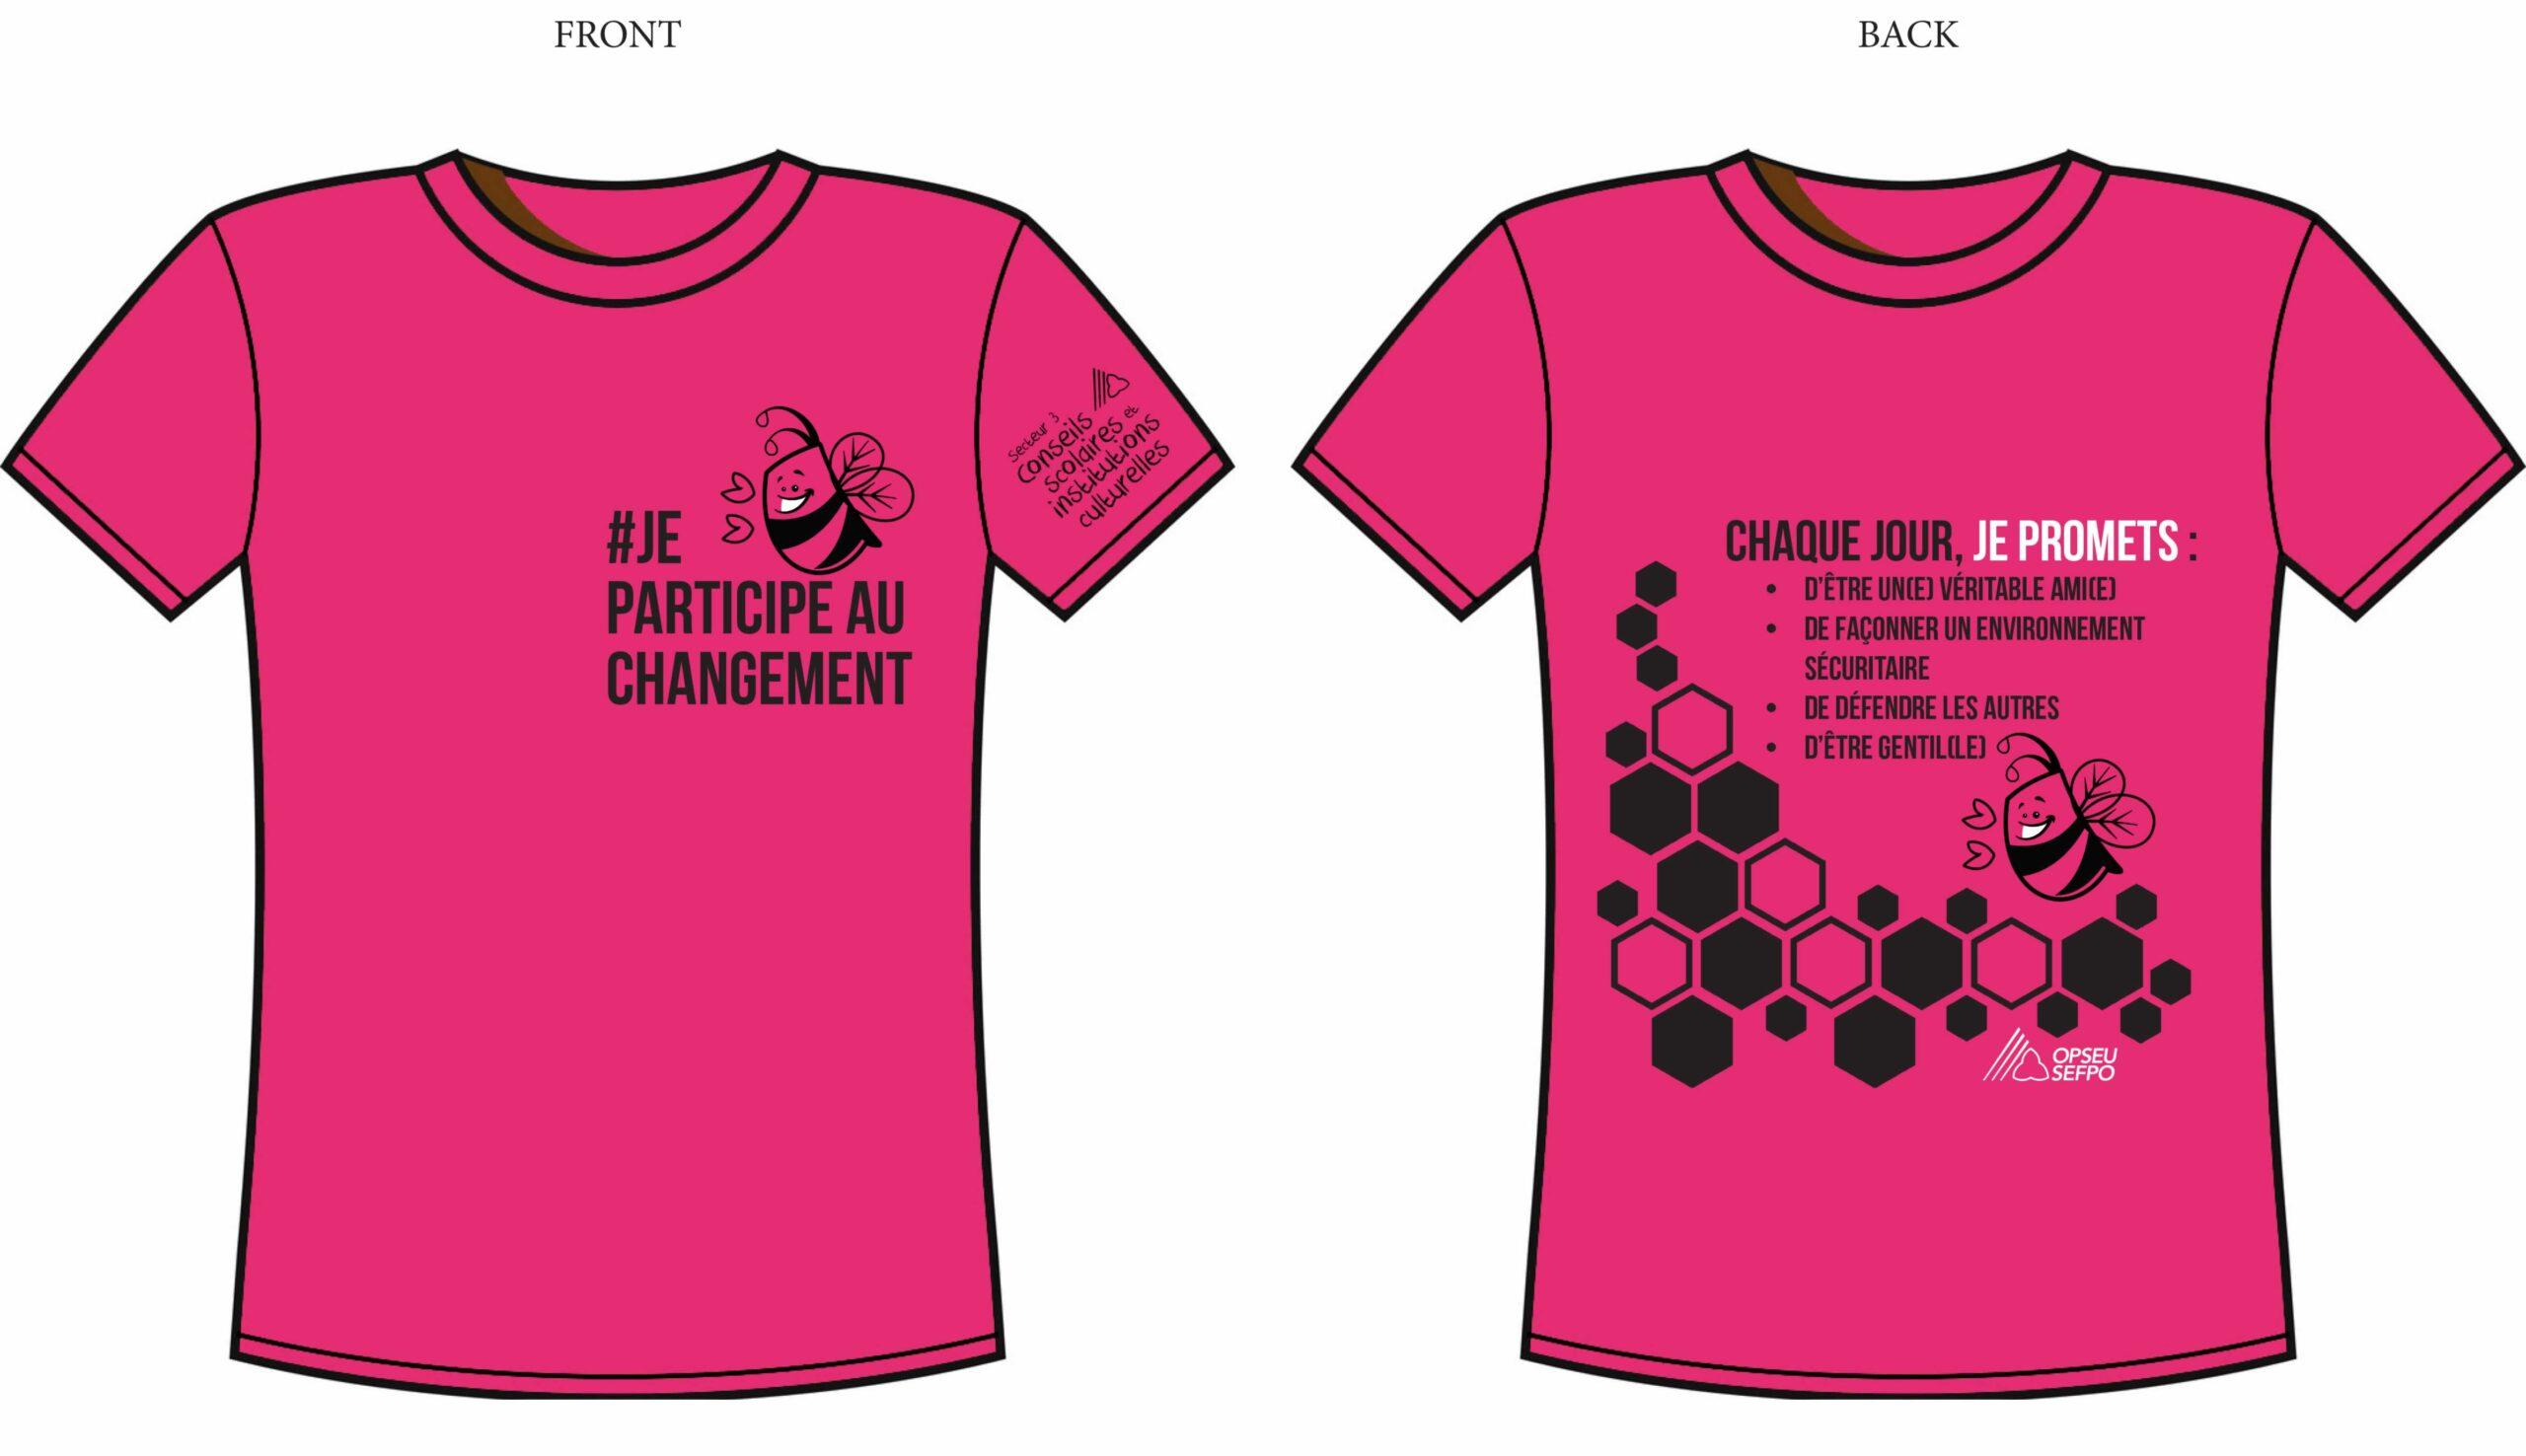 T-shirt front: #Je participe au changement back: chacque jour je promets: